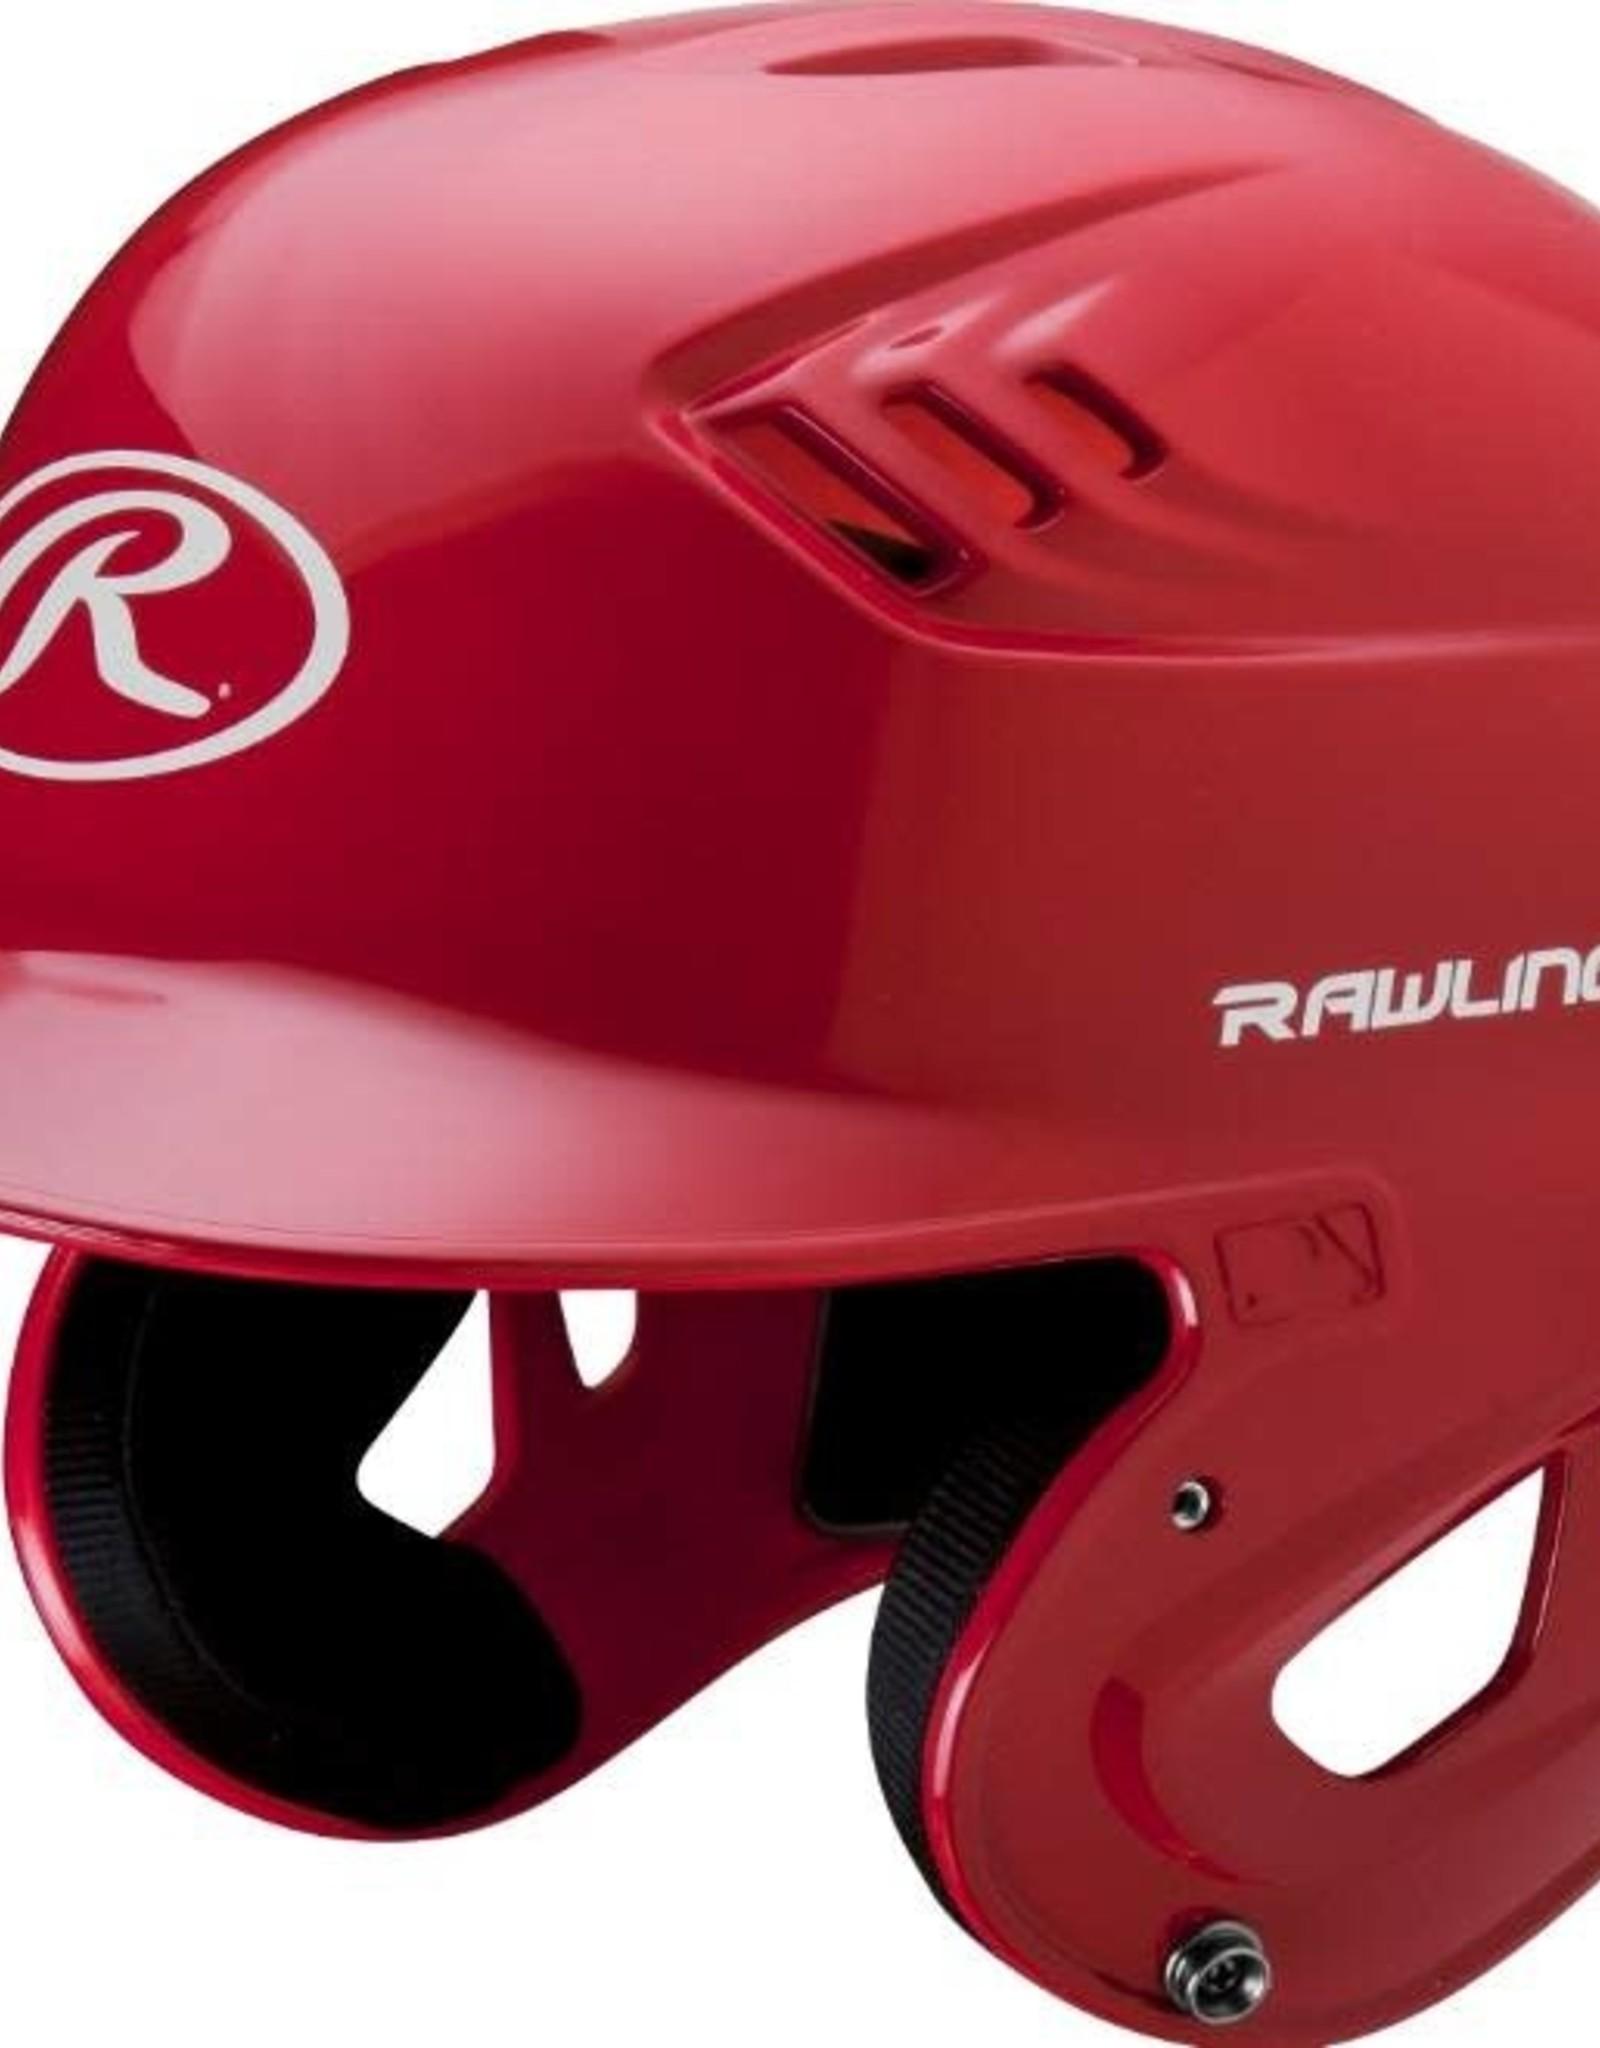 Rawlings R16 Velo Helmet - 1-Tone Clearcoat - JR-Scarlet